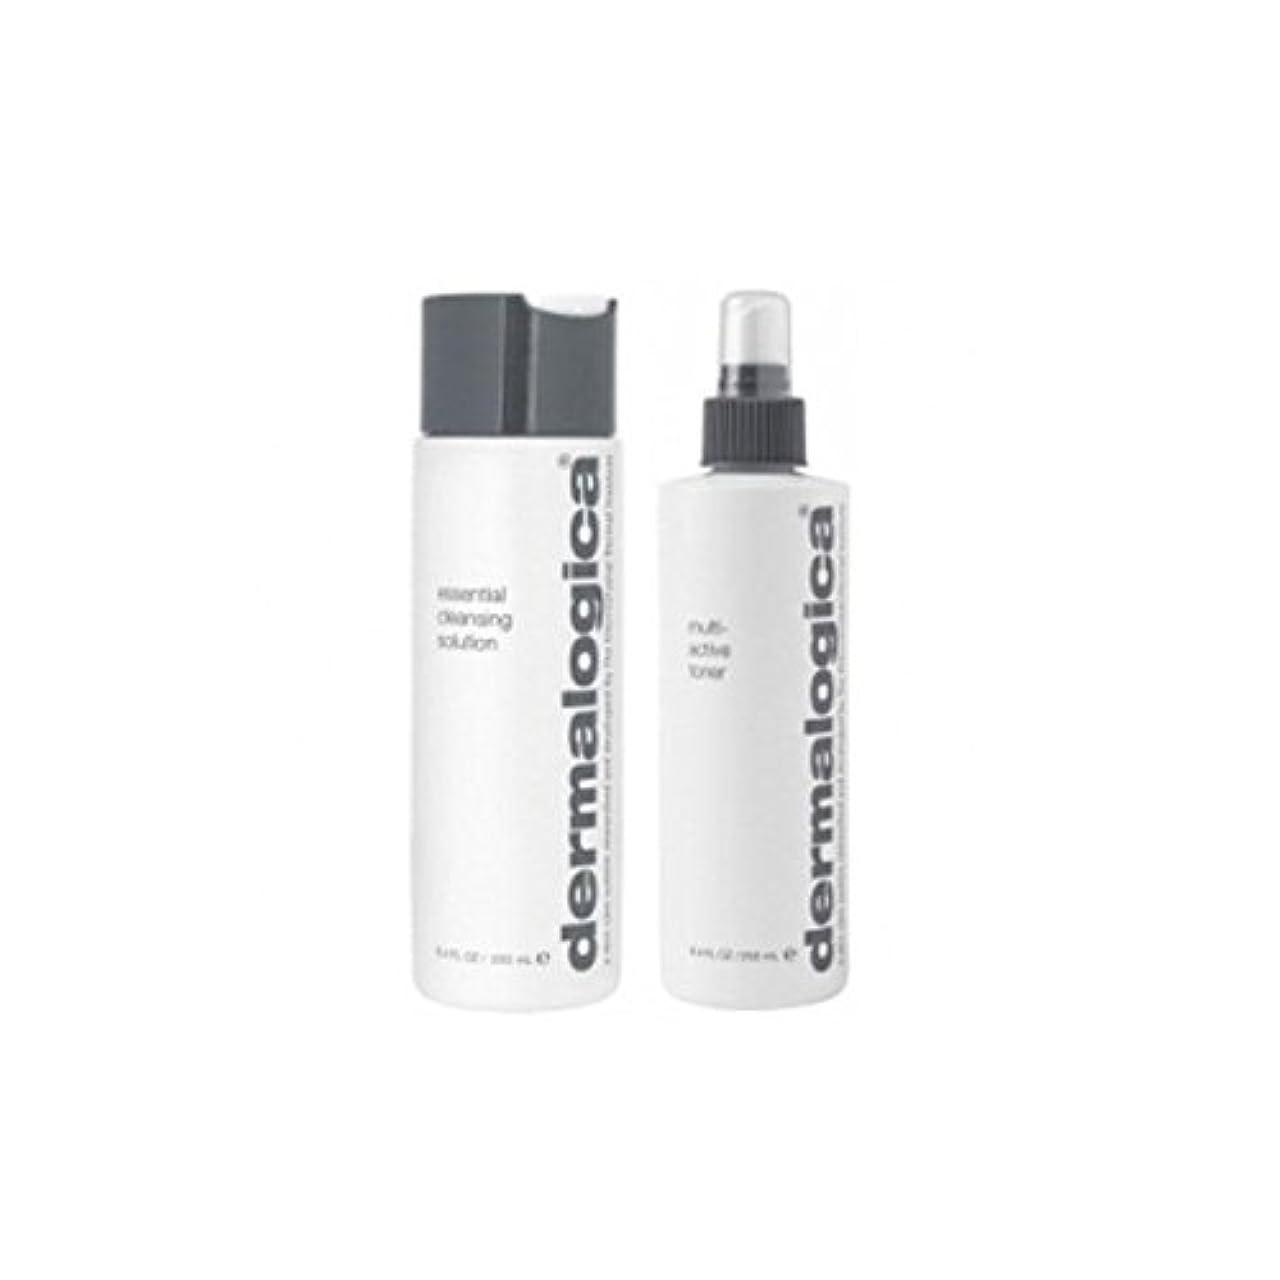 雰囲気そのような叙情的なDermalogica Cleanse & Tone Duo - Dry Skin - ダーマロジカクレンジング&トーンデュオ - 乾燥肌 [並行輸入品]